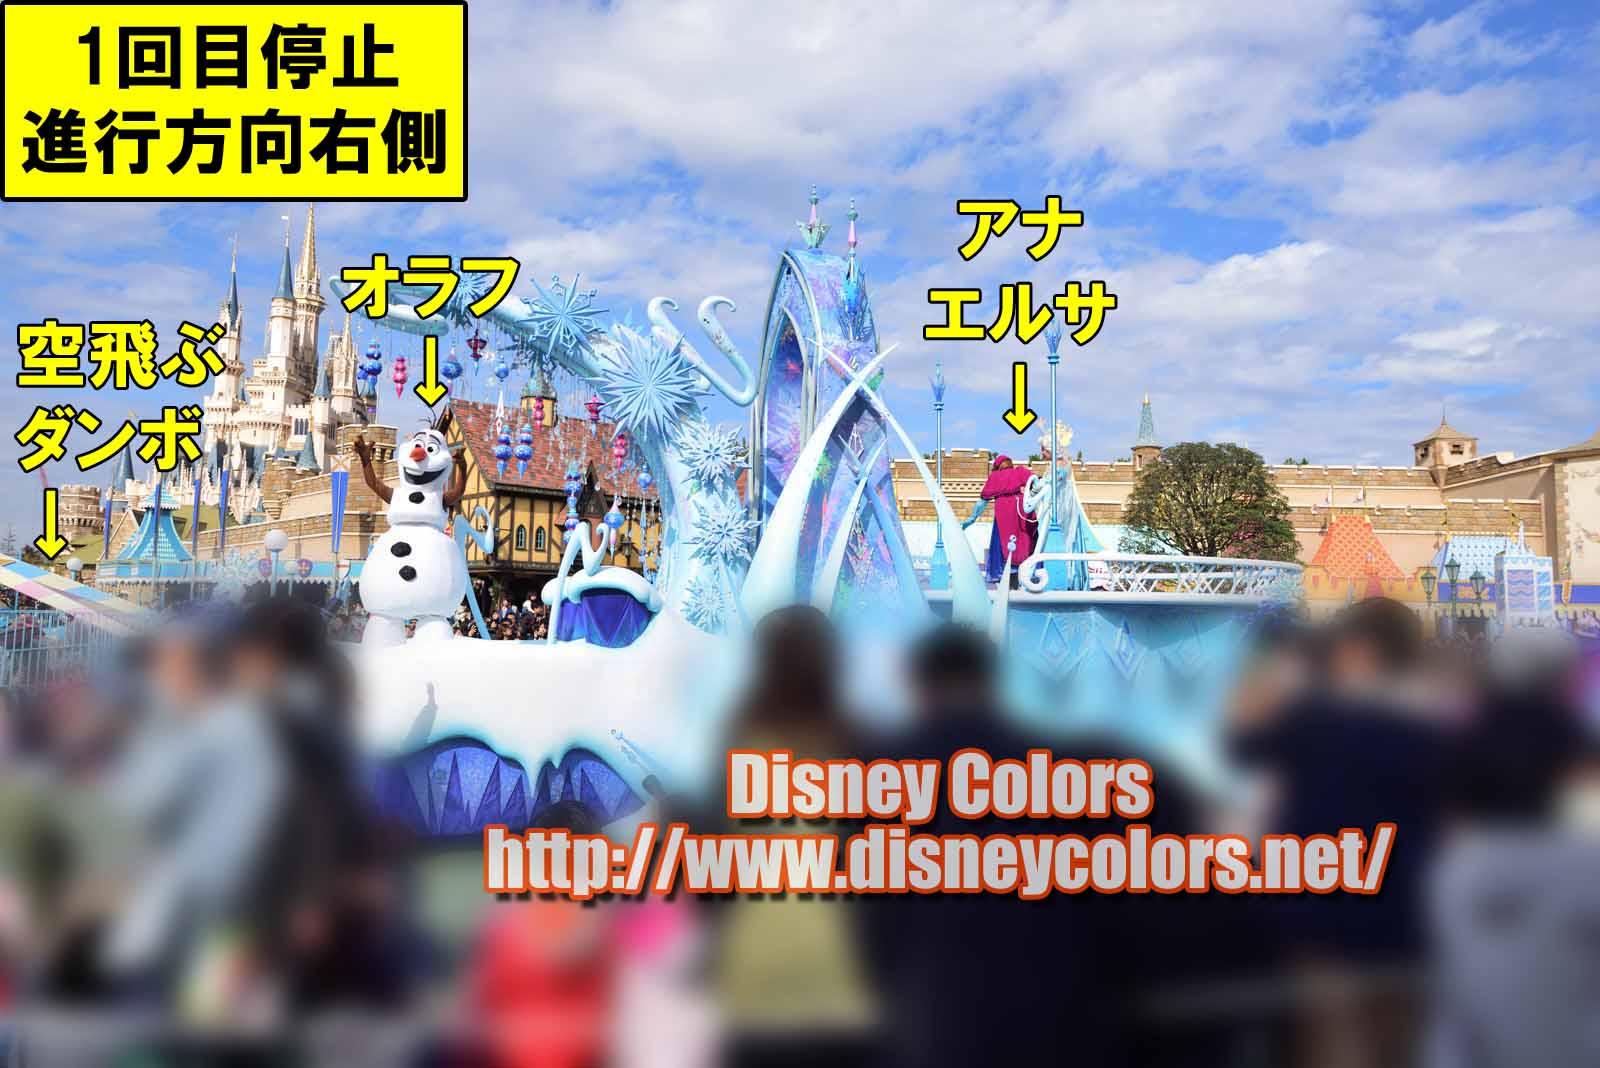 ディズニー・クリスマス・ストーリーズ2019 アナ エルサ オラフ フロート停止位置